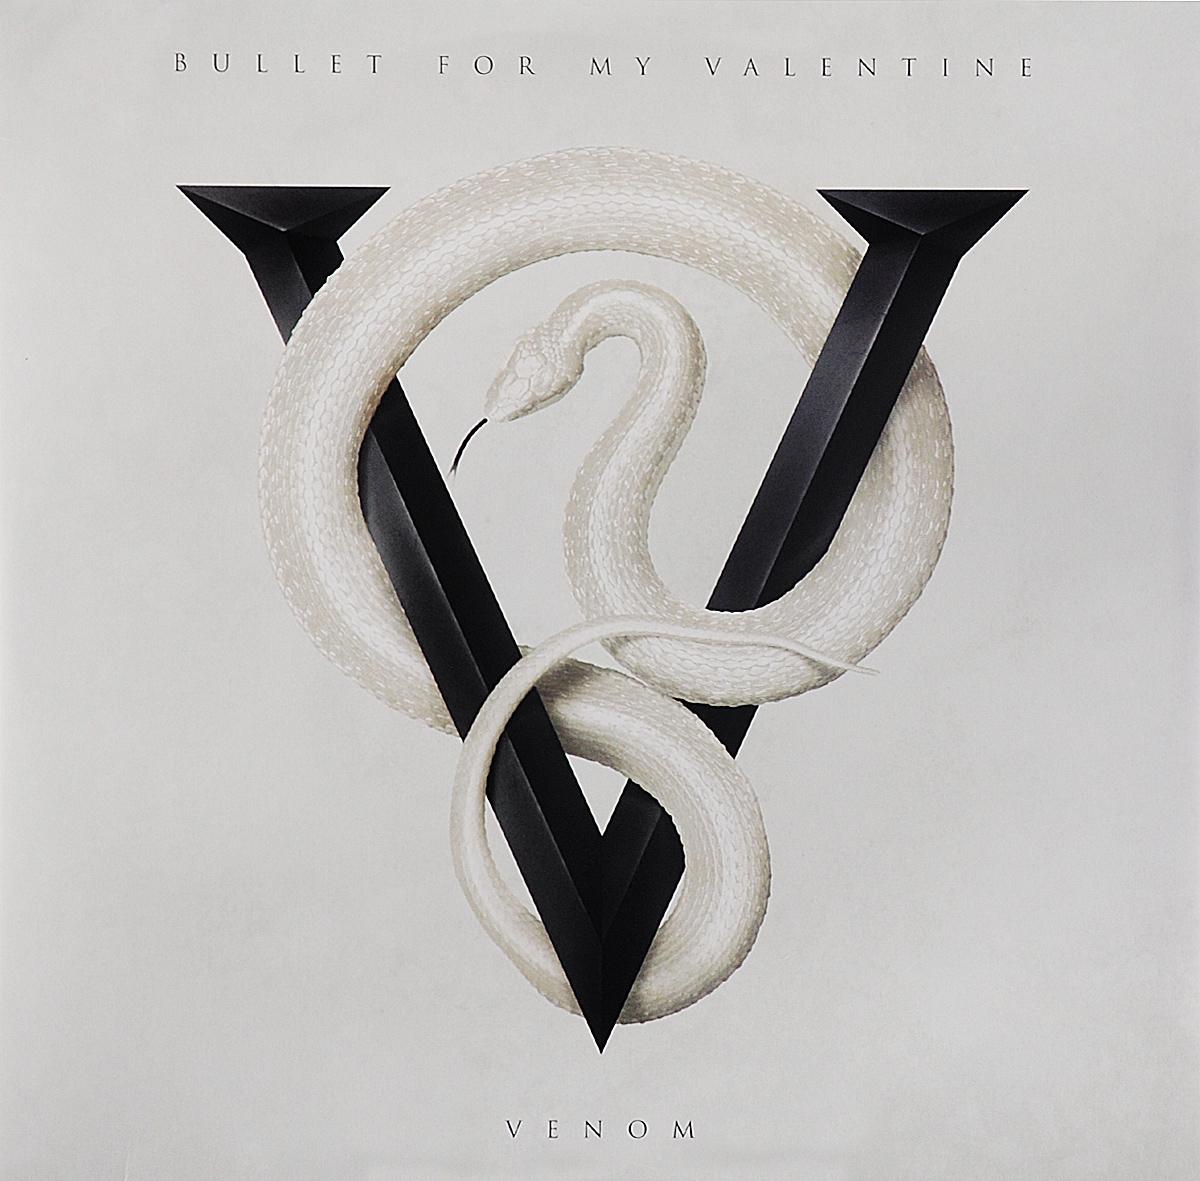 Bullet For My Valentine Bullet For My Valentine. Venom leten intelligent wireless music control vibrating egg bullet vibrators sex toys for women female g spot